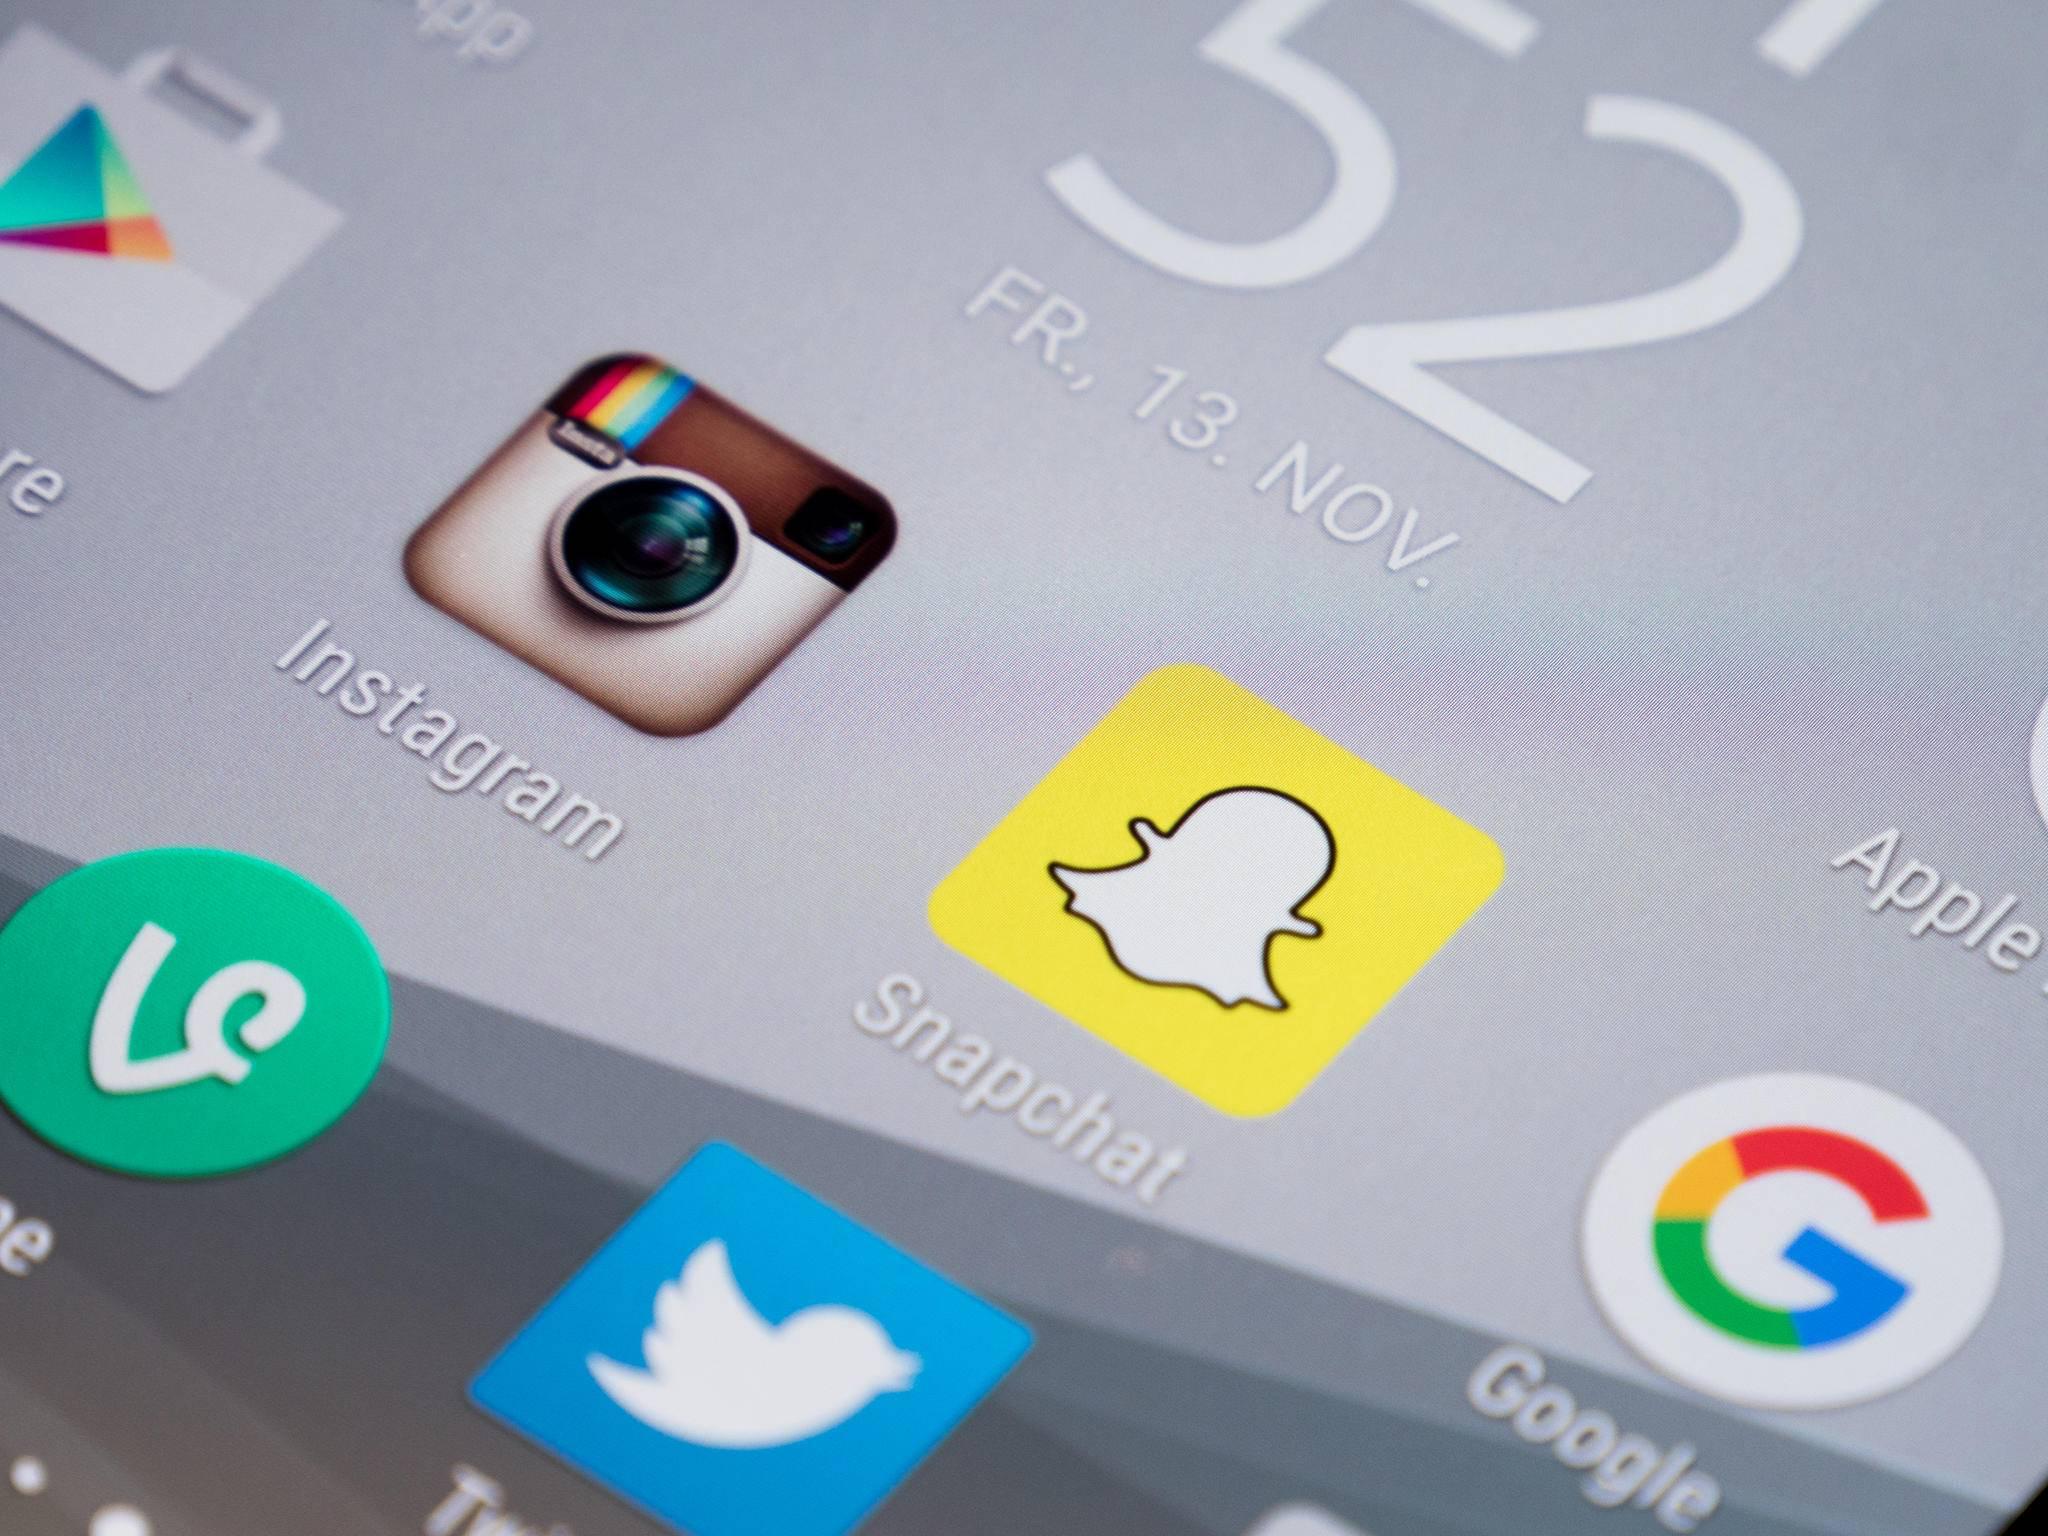 iPhone-Besitzer bekommen die Snapchat-Neuerungen zuerst.